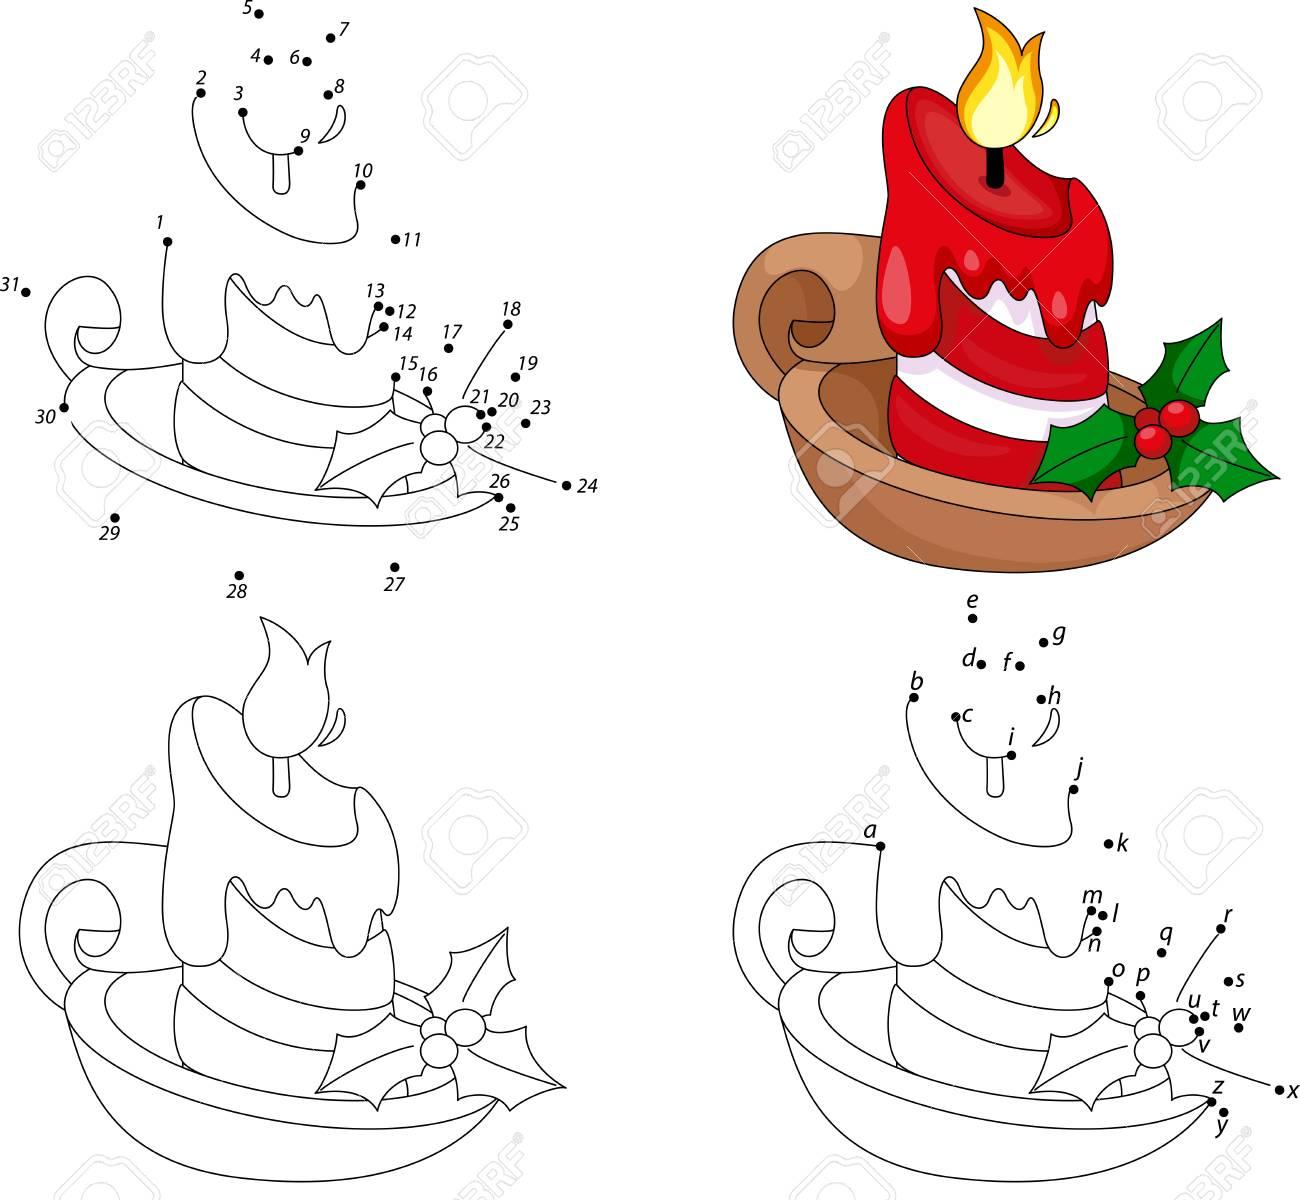 Bougie Dessin Anime De Noel Livre De Coloriage Et Point A Point Jeu